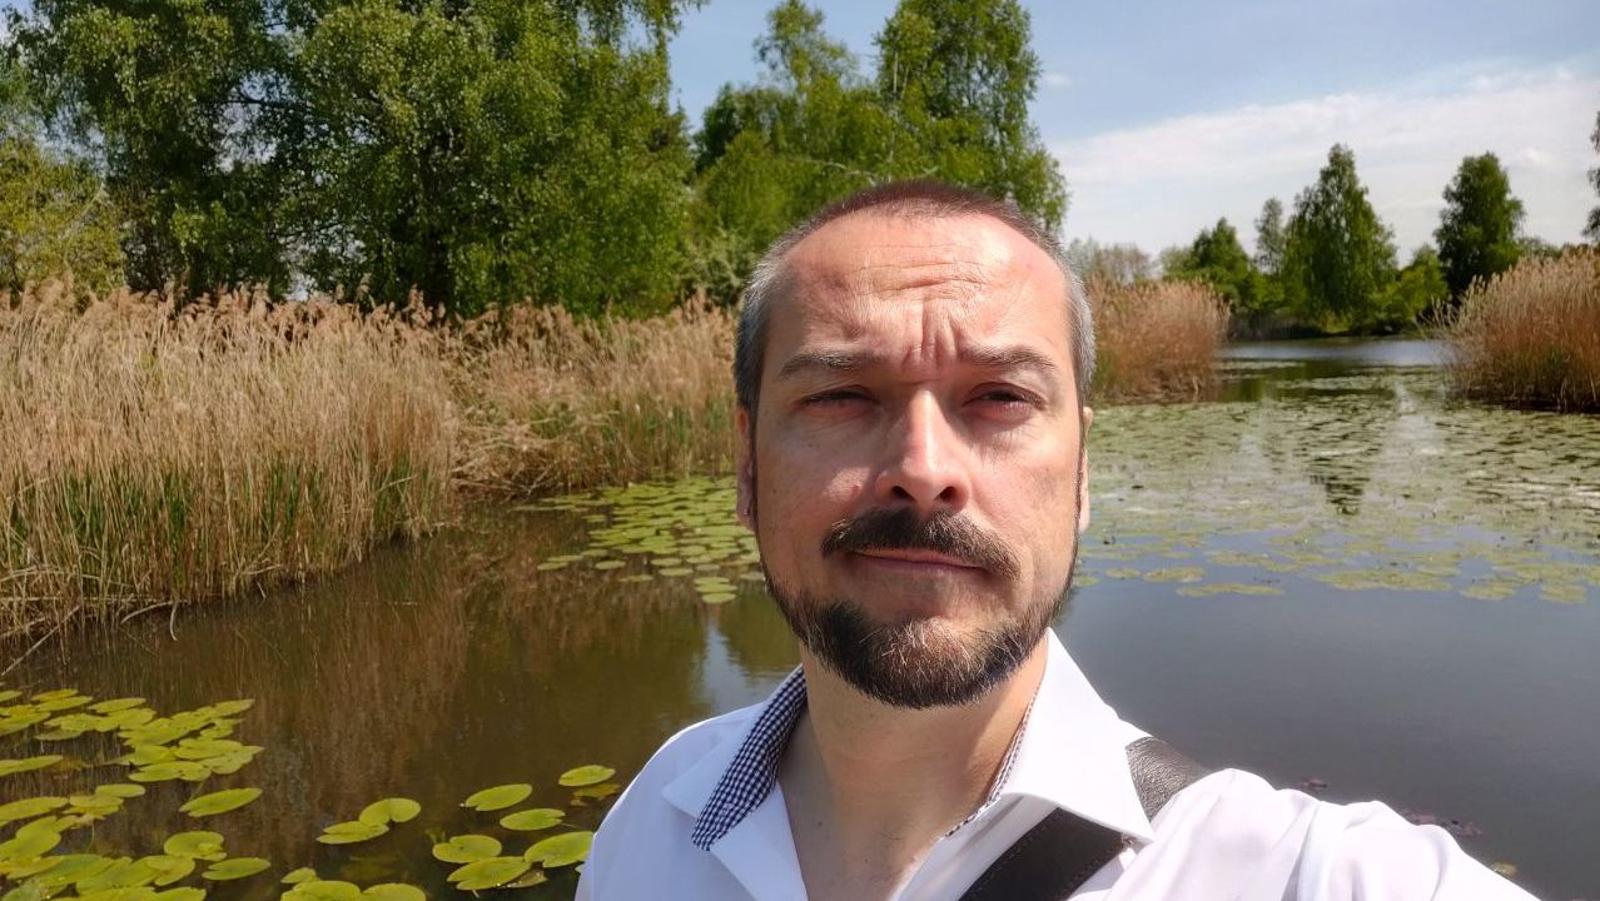 La mayor parte de selfies con el OnePlus 7 Pro lucen así de bien en términos de color o contraste, peeeero...